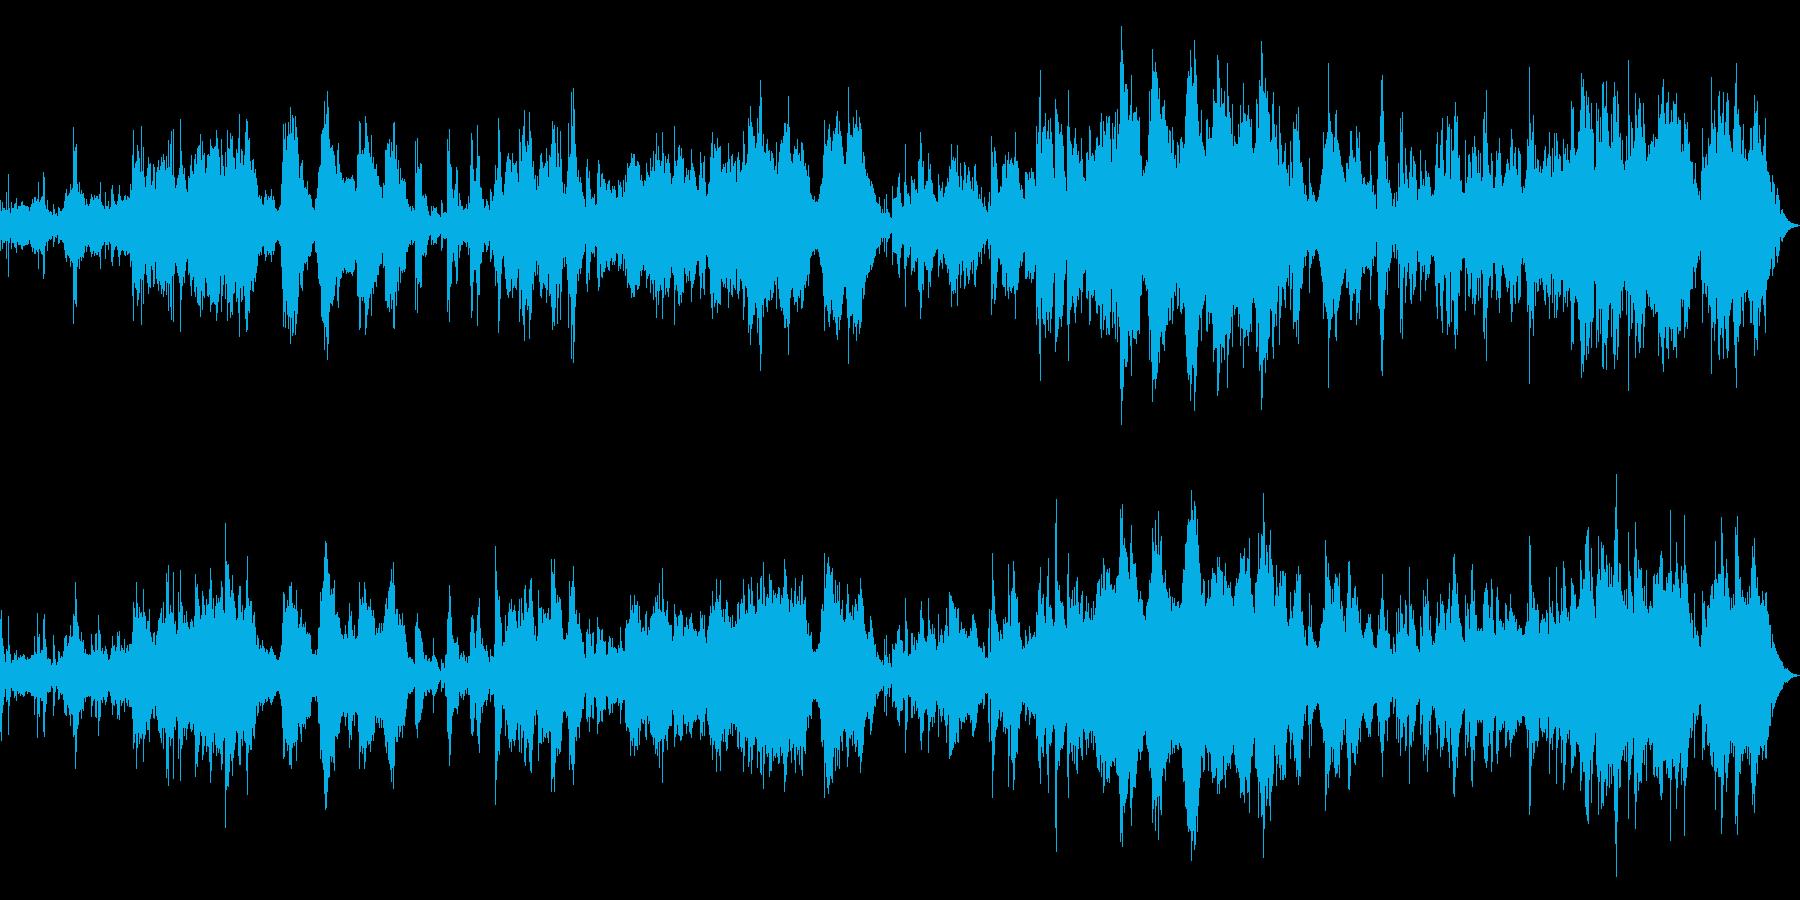 ピアノ、パッド中心の癒し系アンビエントの再生済みの波形